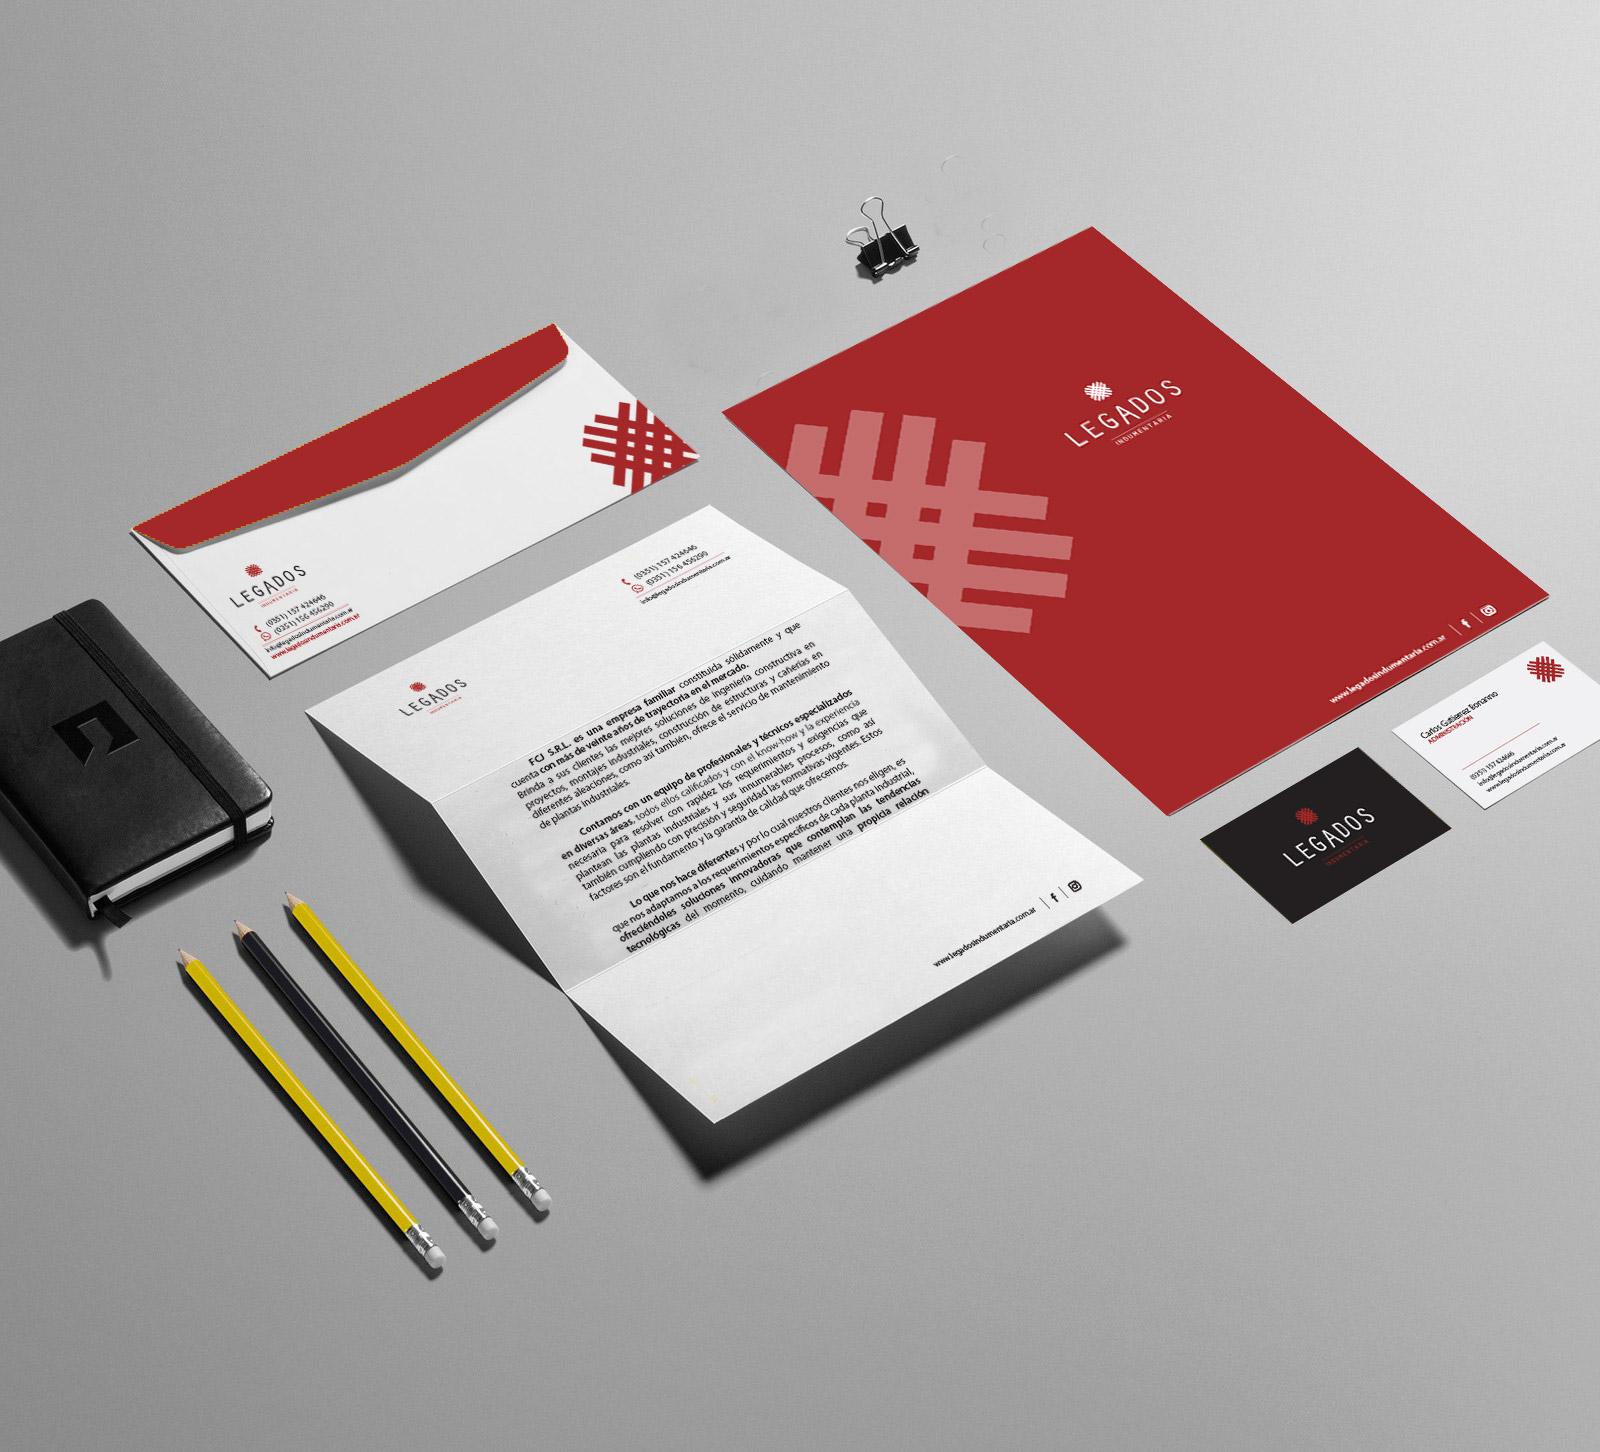 legados-diseño-papeleria-institucional